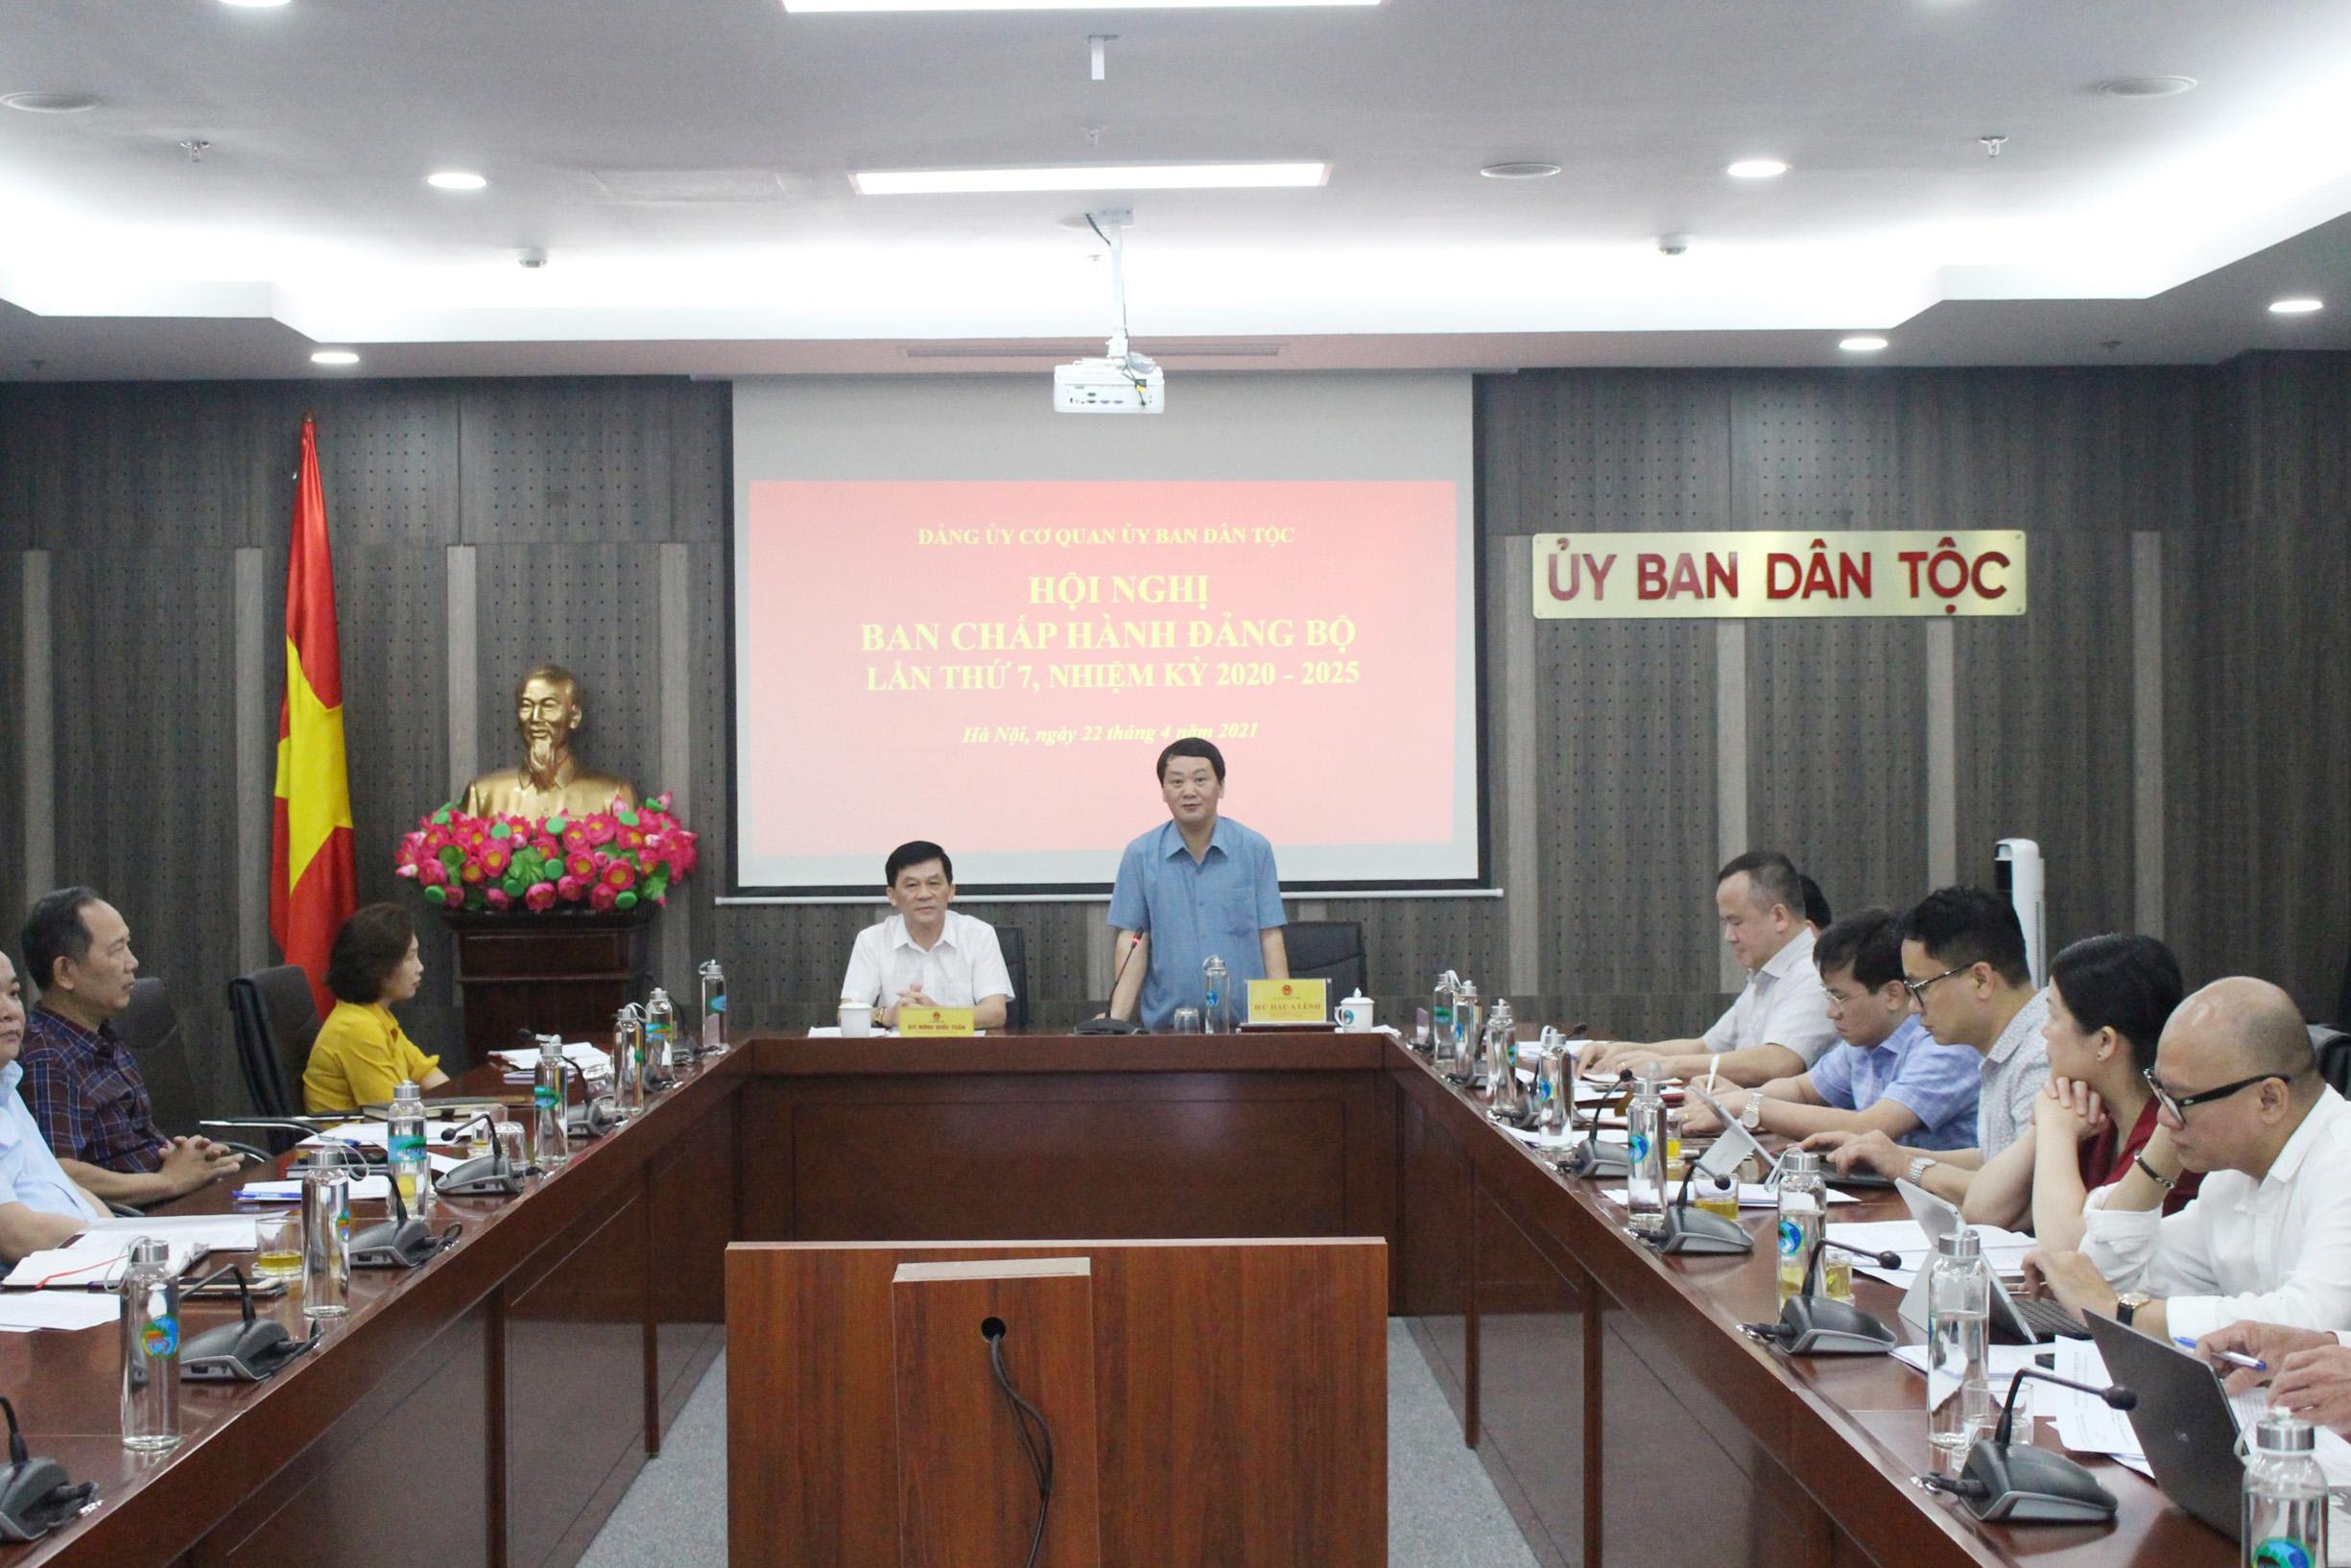 Bí thư Ban Cán sự Đảng, Bộ trưởng, Chủ nhiệm Hầu A Lềnh phát biểu tại Hội nghị